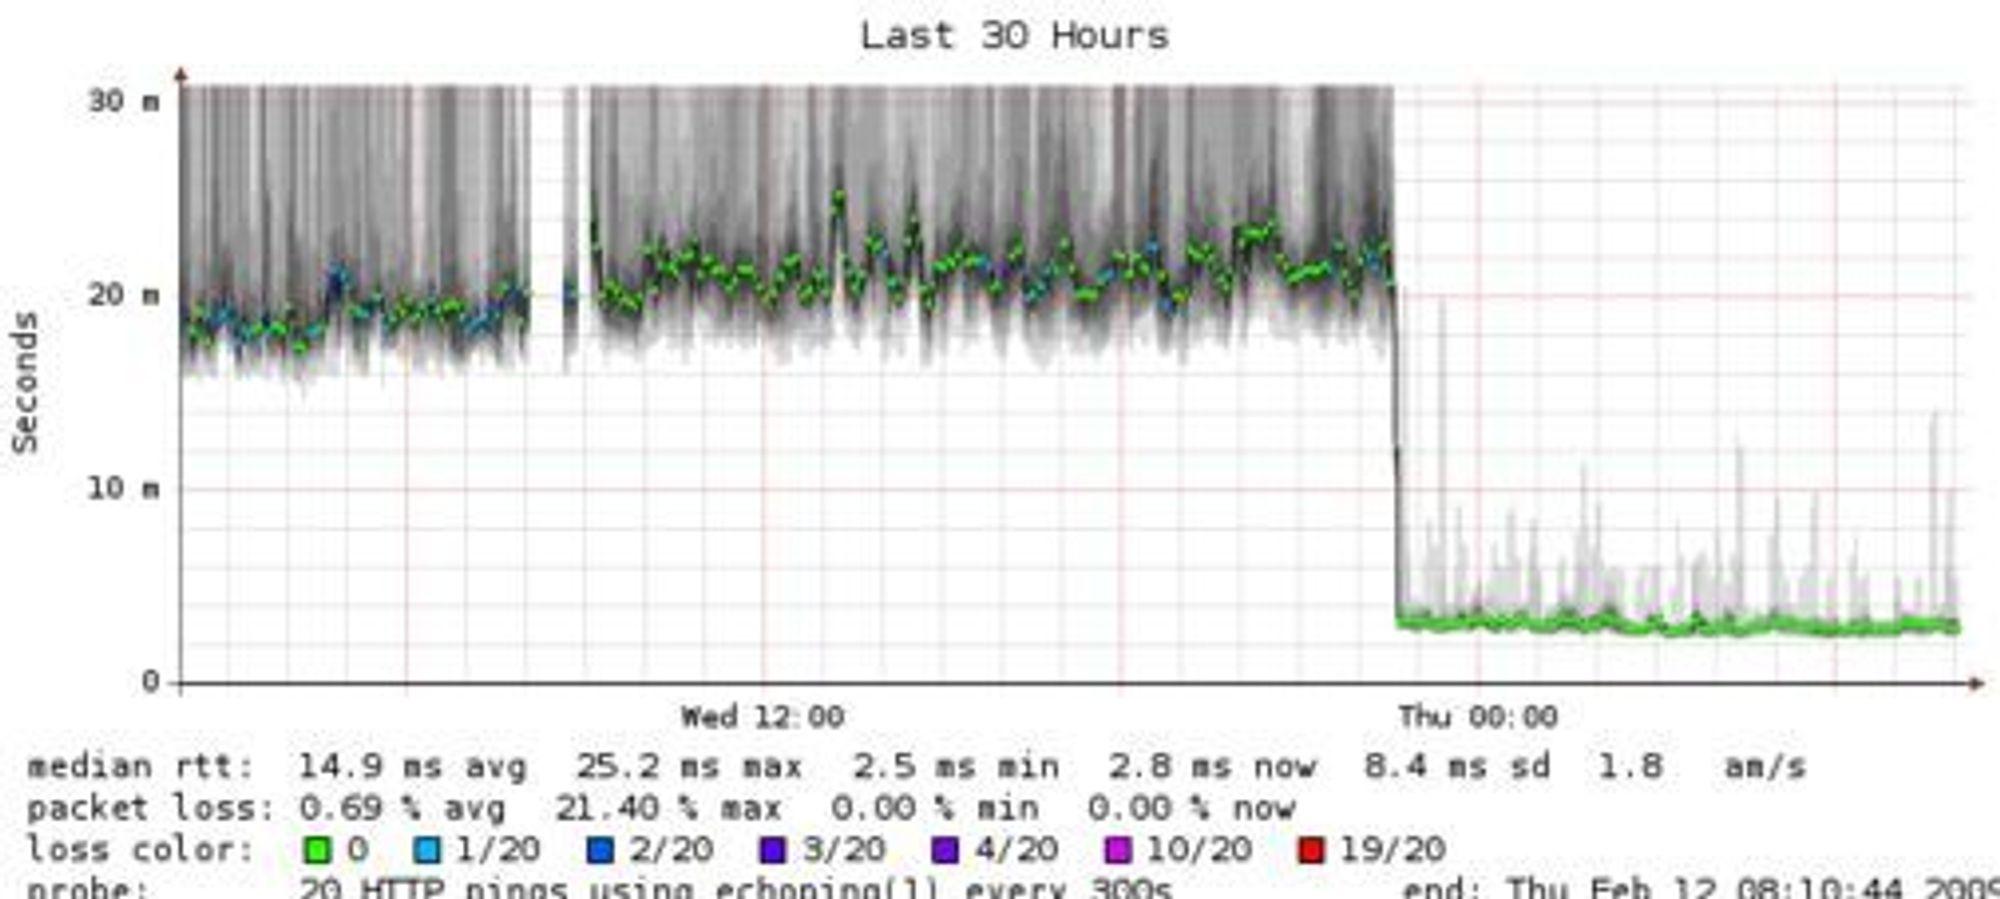 Ytelsesforbedringene etter overgangen fra Squid til Varnish er dramatisk. Her ser man tydelig hvordan responstiden for digi.no stupte fra rundt 20-25 millisekunder til ca 2-3 millisekunder.